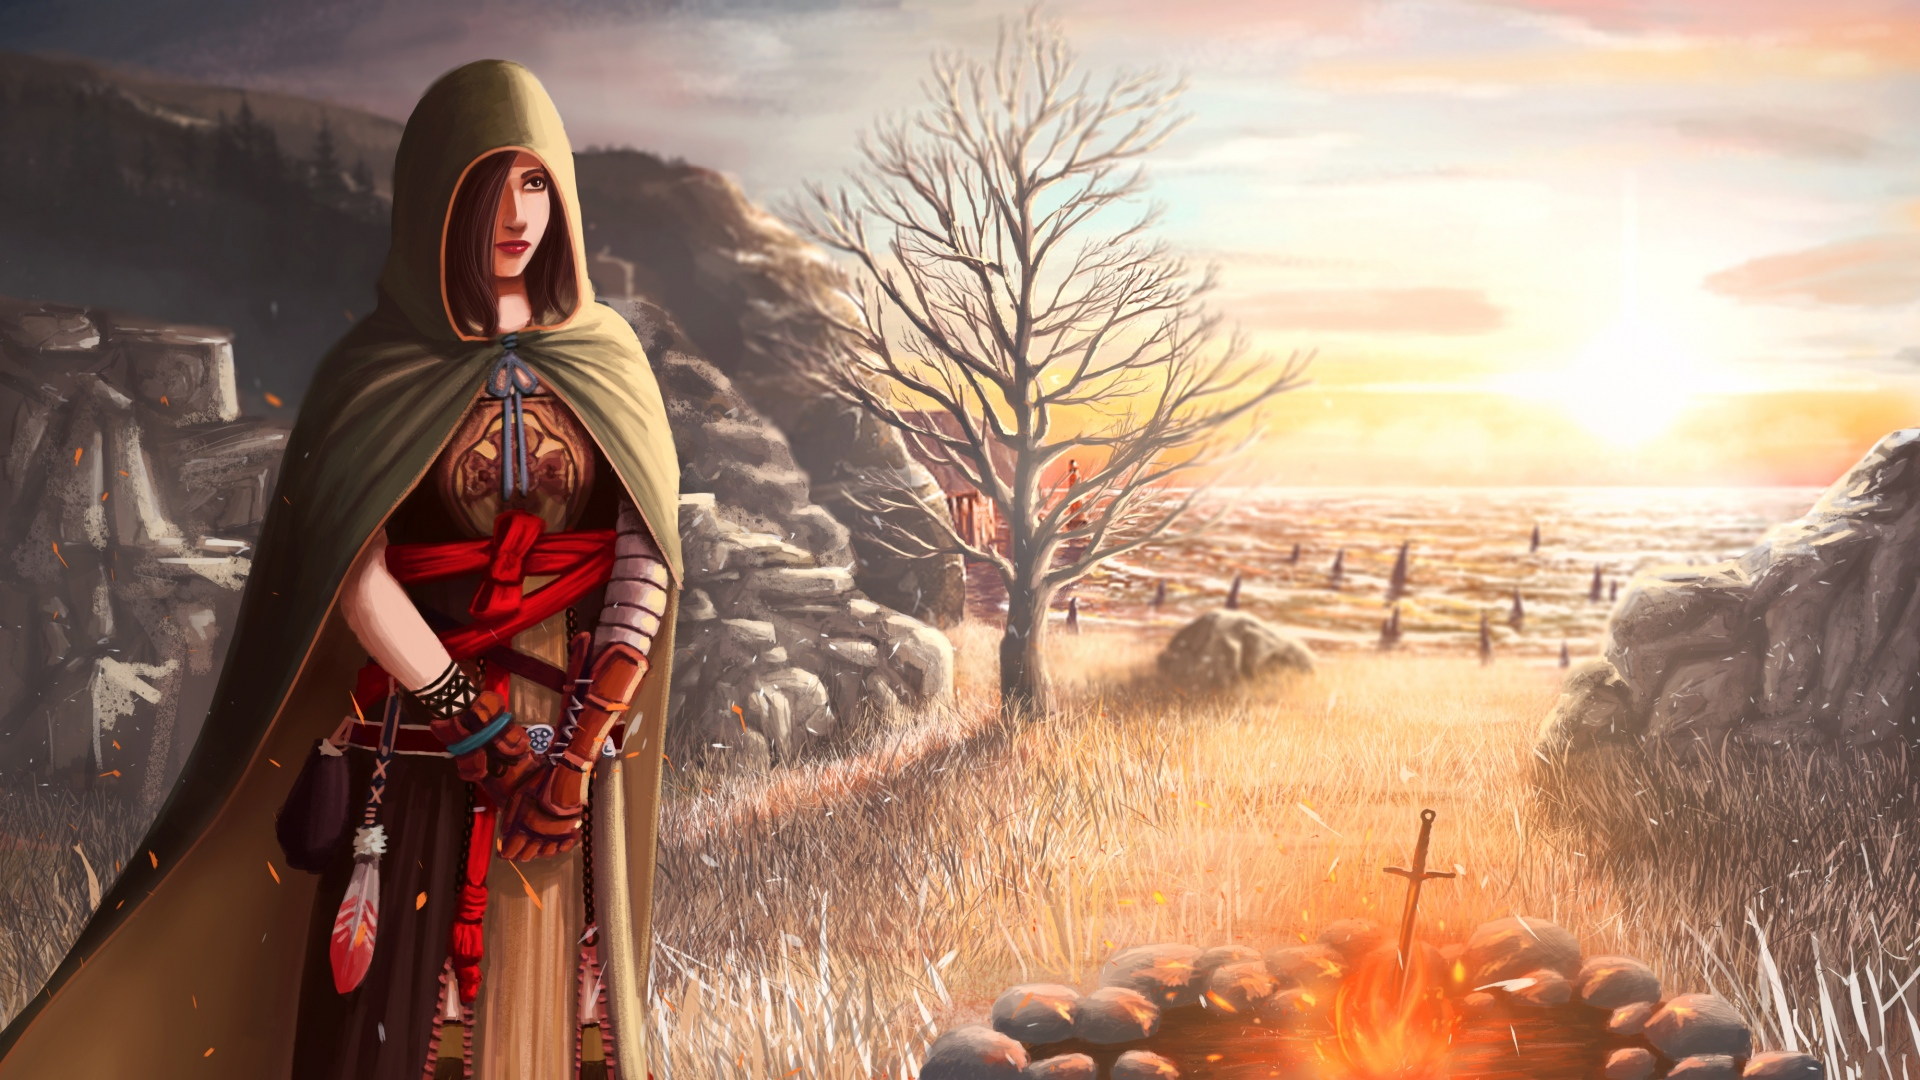 Hd Hintergrundbilder Shanalotte Feld Mädel Dark Souls 2 Kap